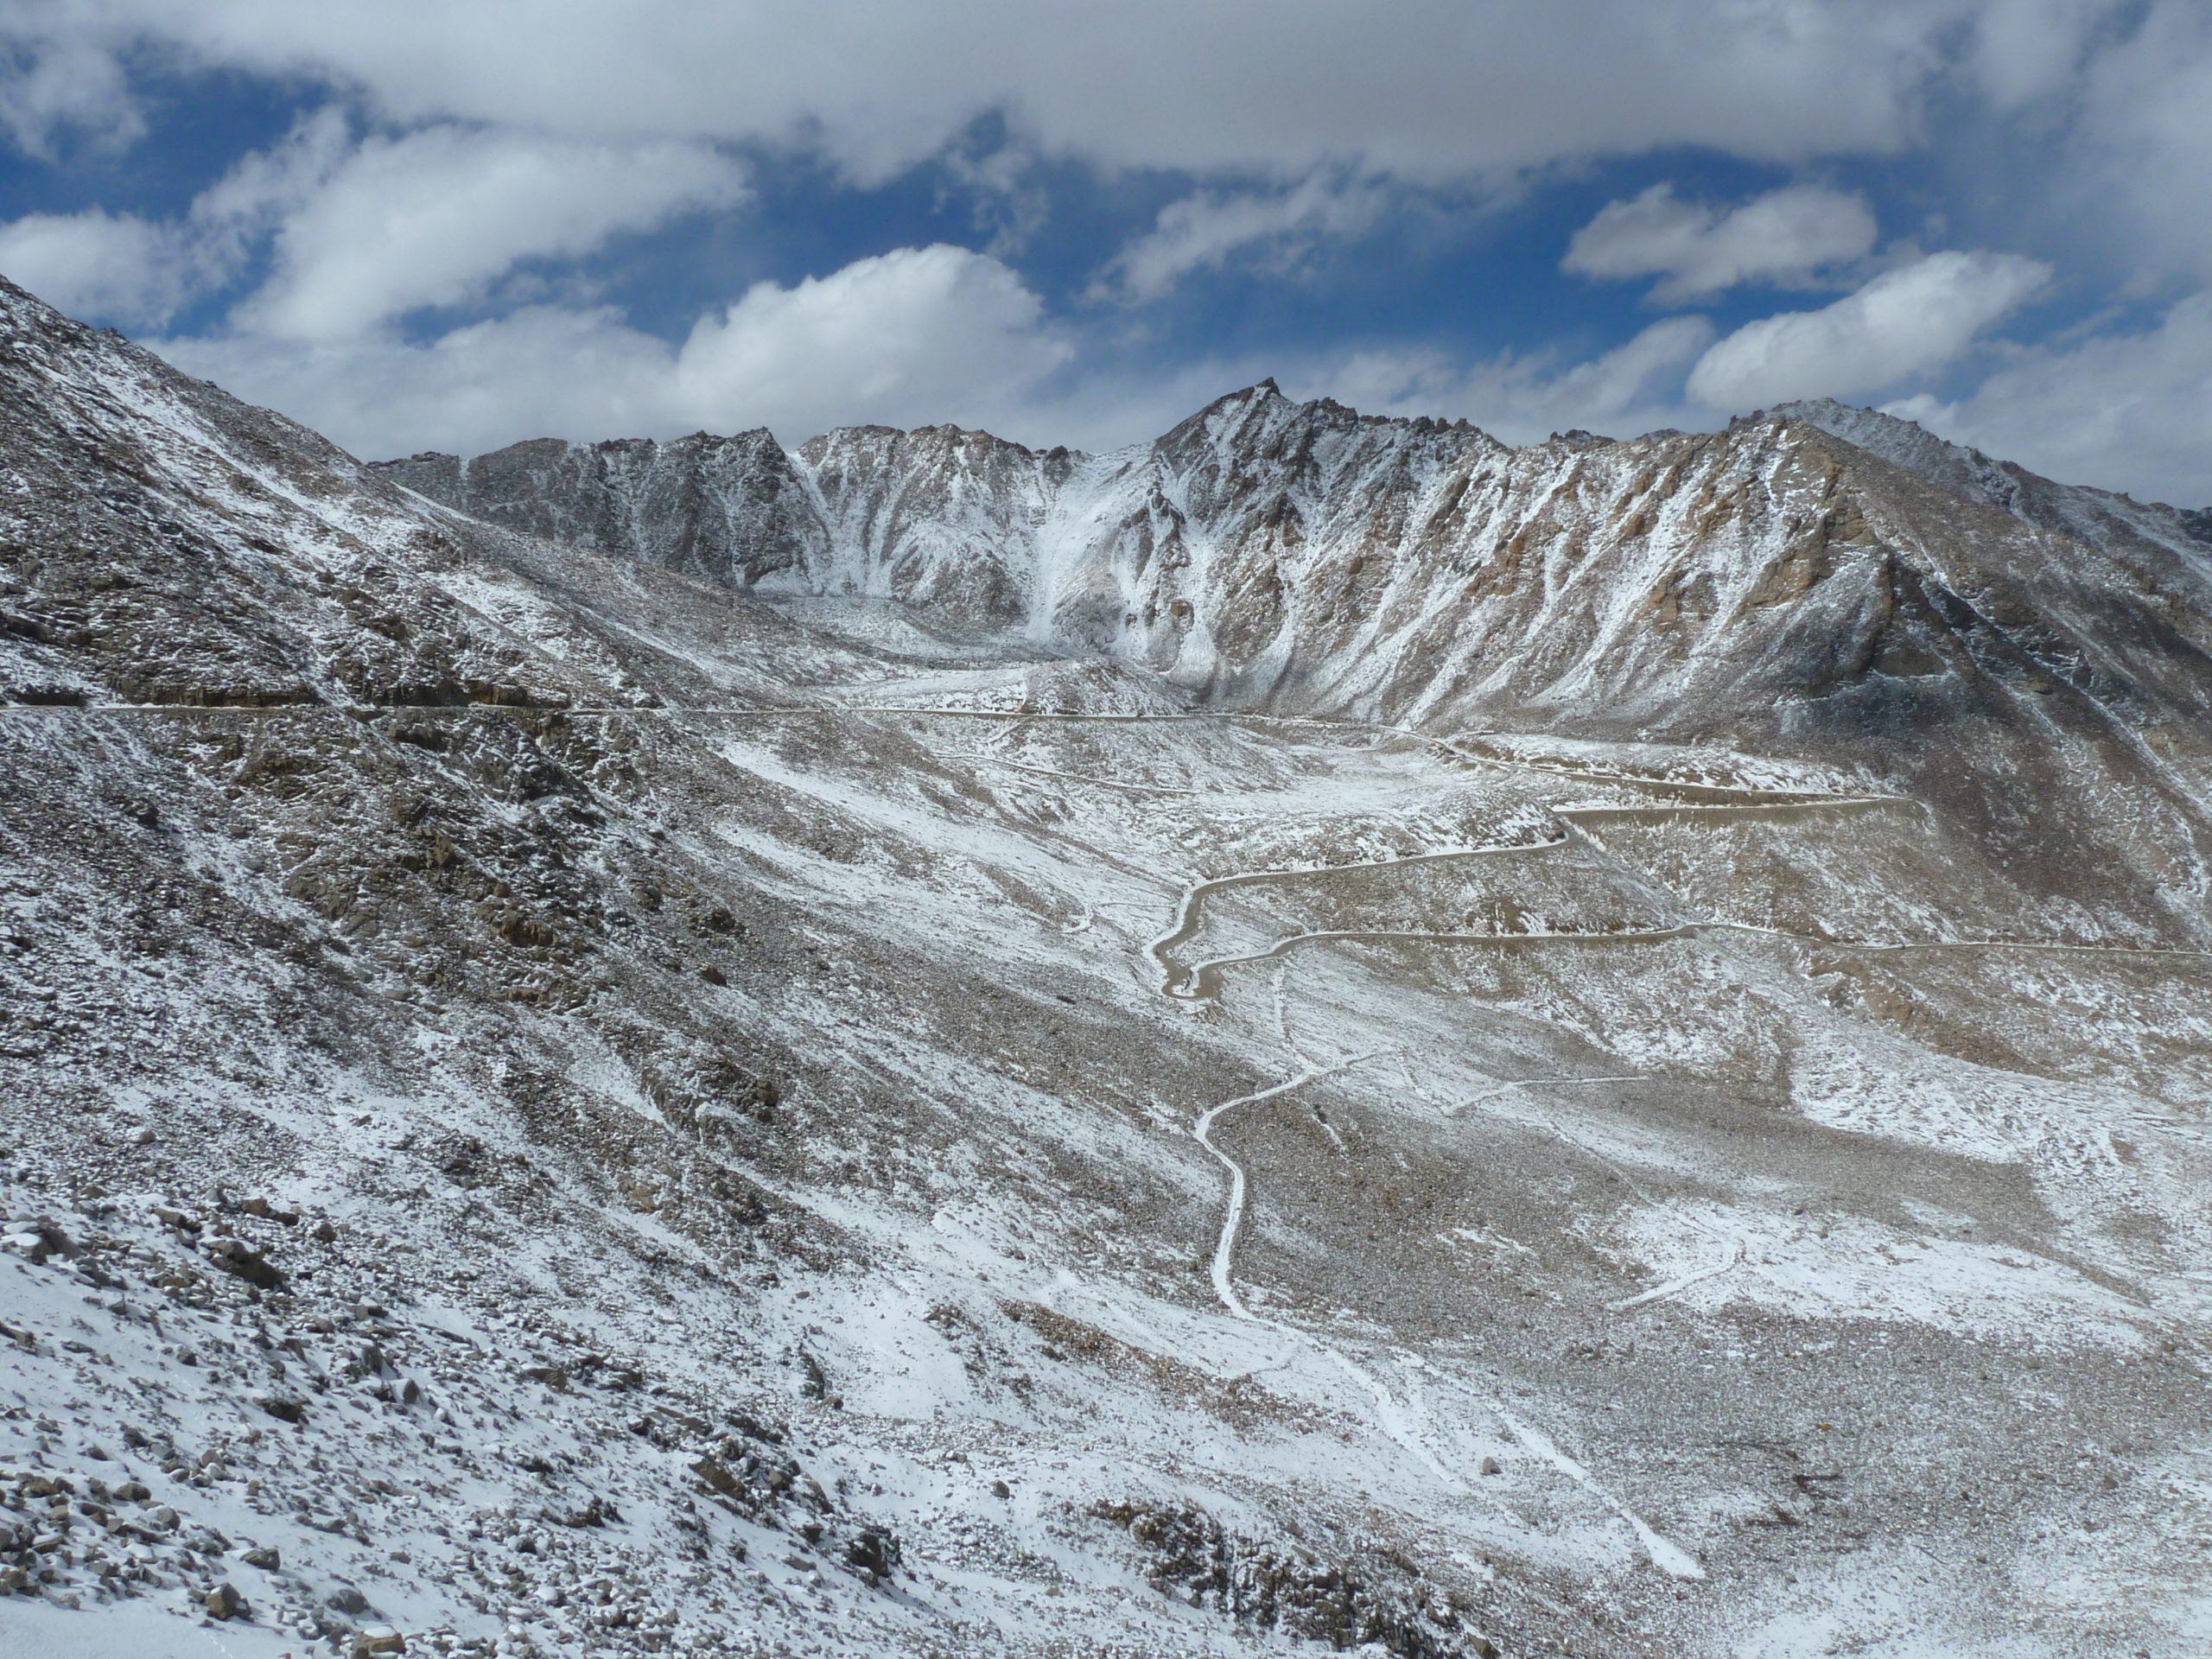 Radreise Ladakh 2012 - Khardung La (5.354m)